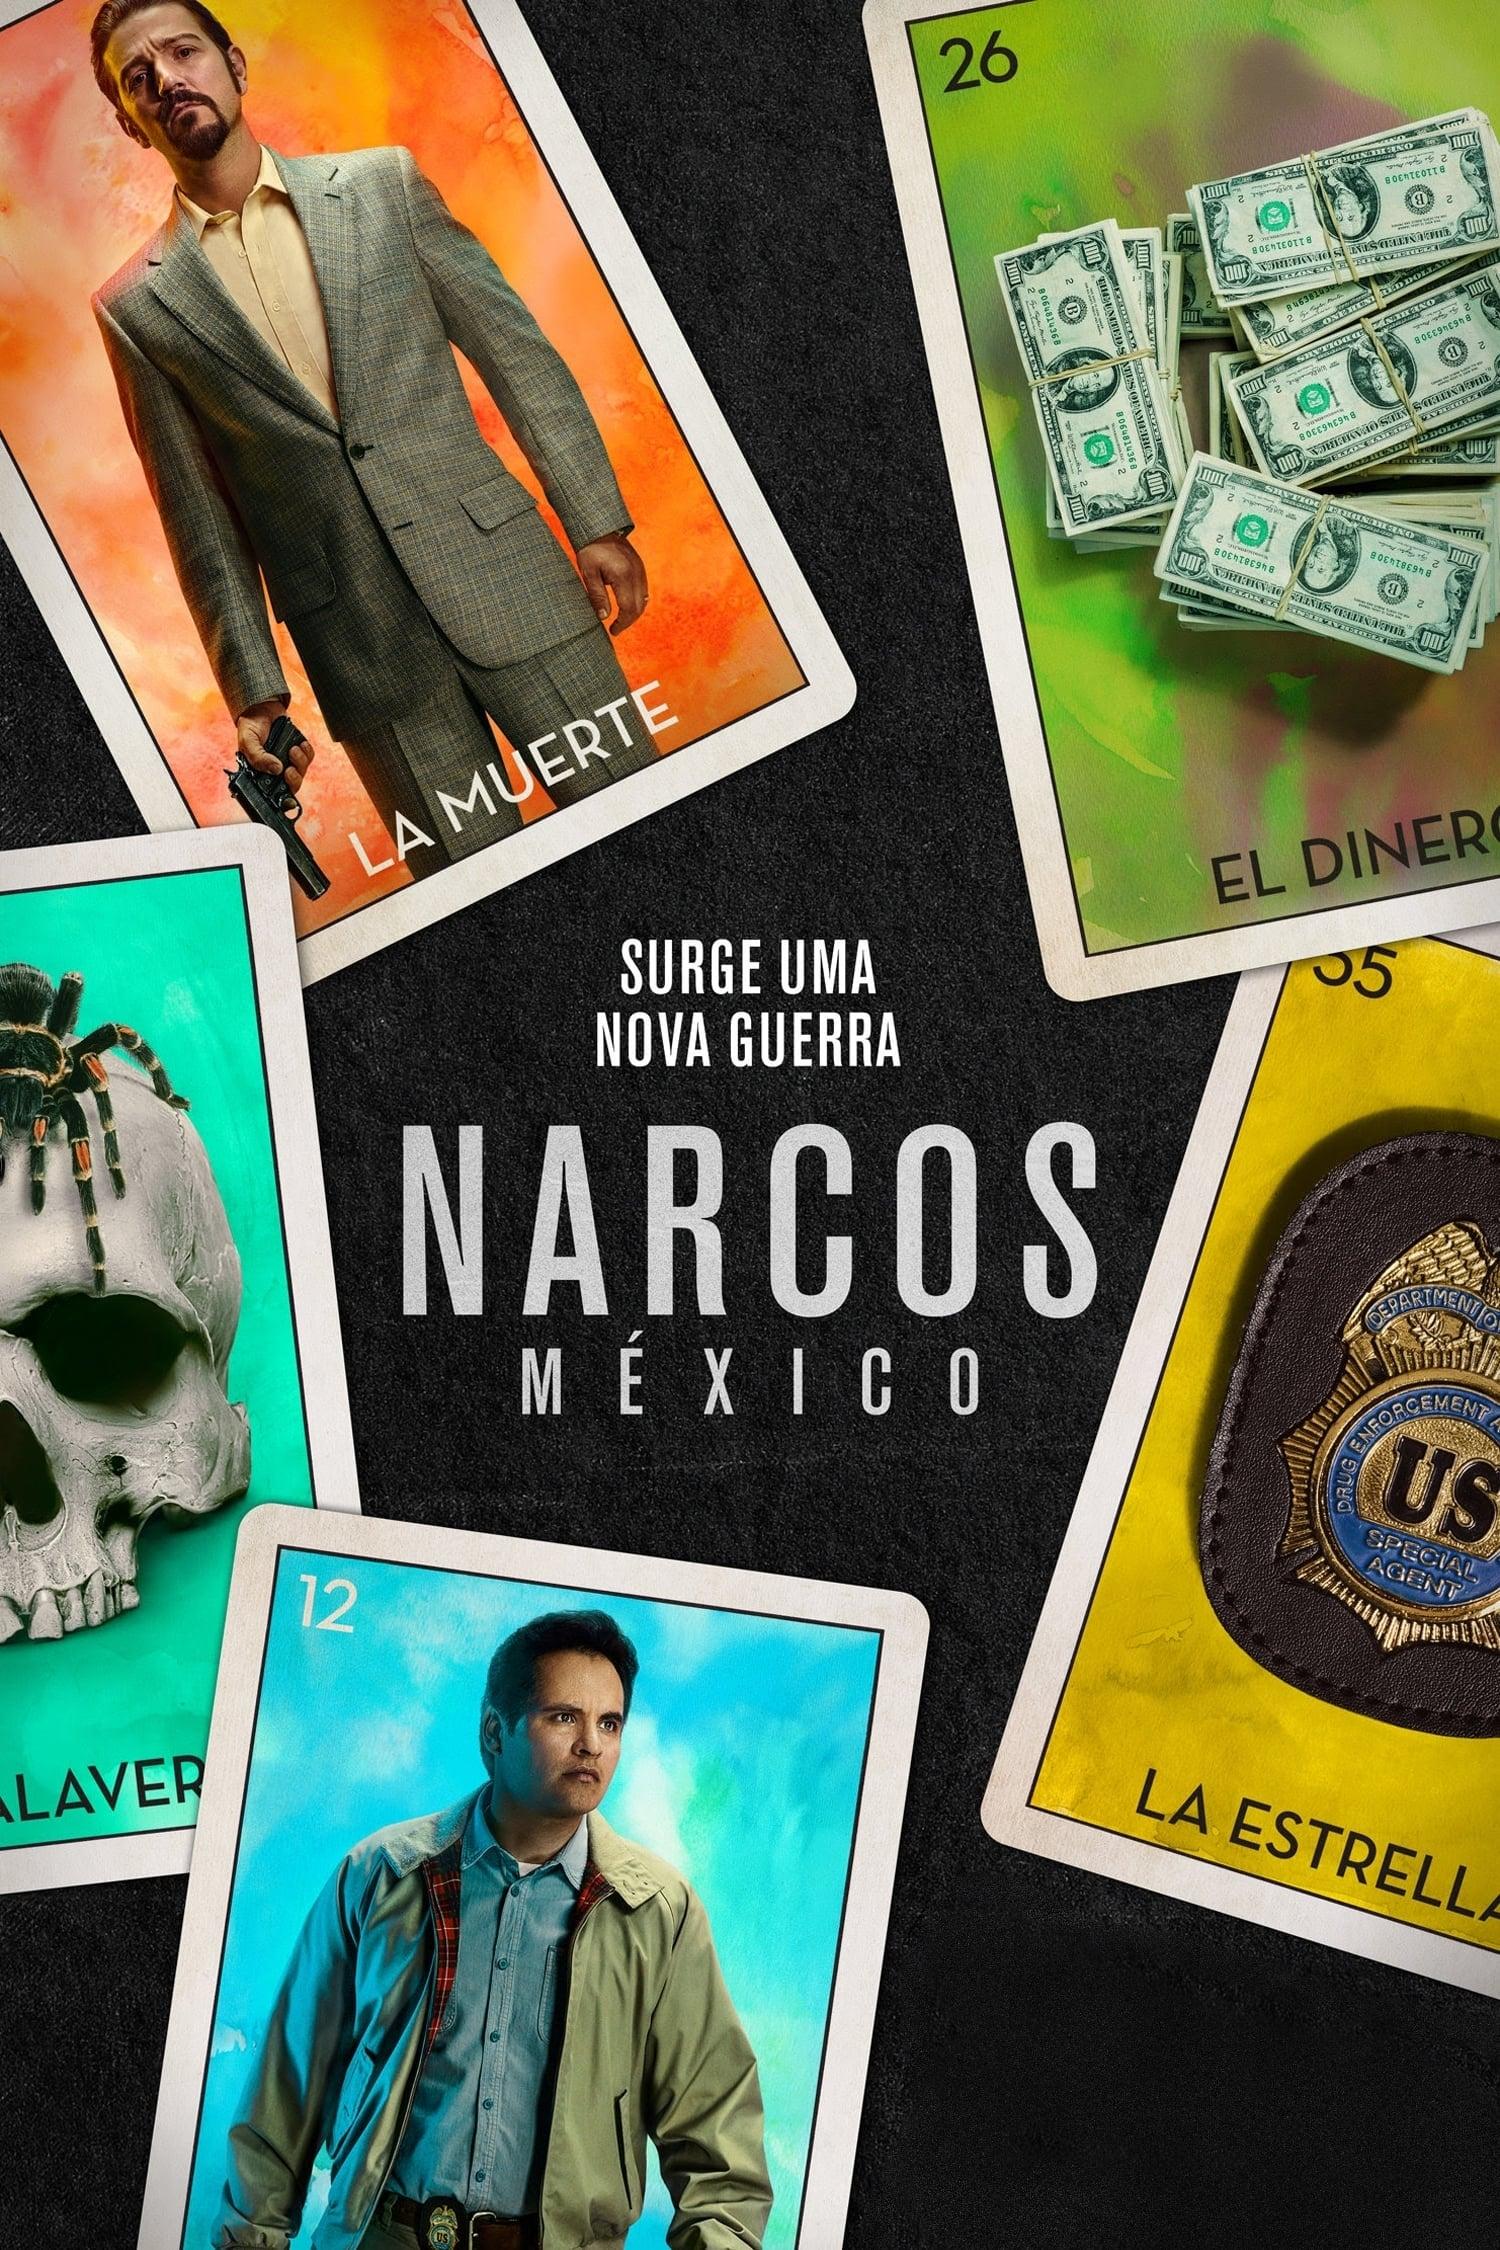 Download Séries Narcos México 3ª Temporada Torrent 2021 Qualidade Hd